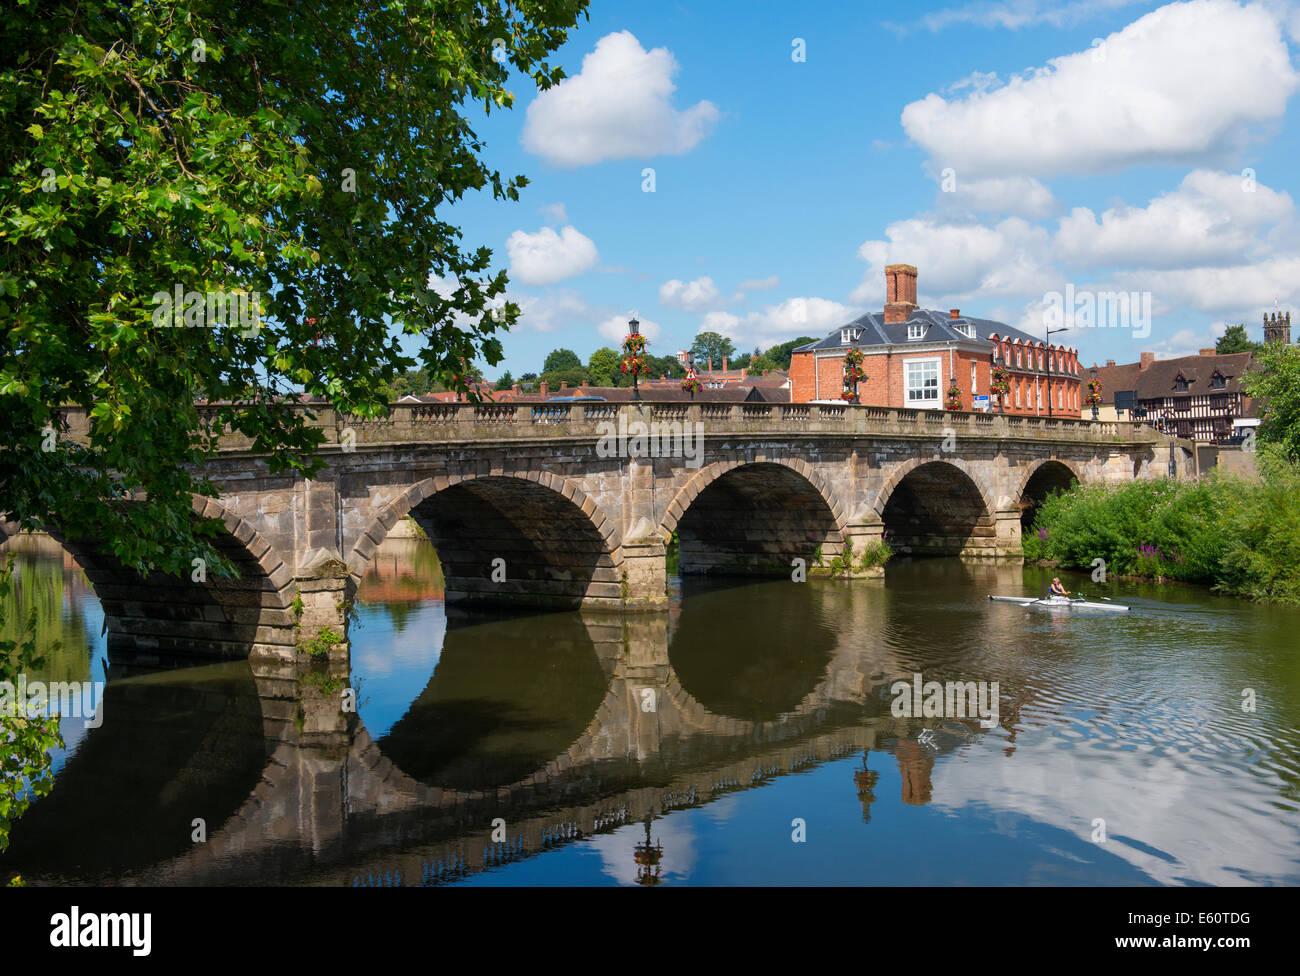 Un vogatore sul fiume Severn accanto al teatro Severn a Shrewsbury, Shropshire, Inghilterra Immagini Stock